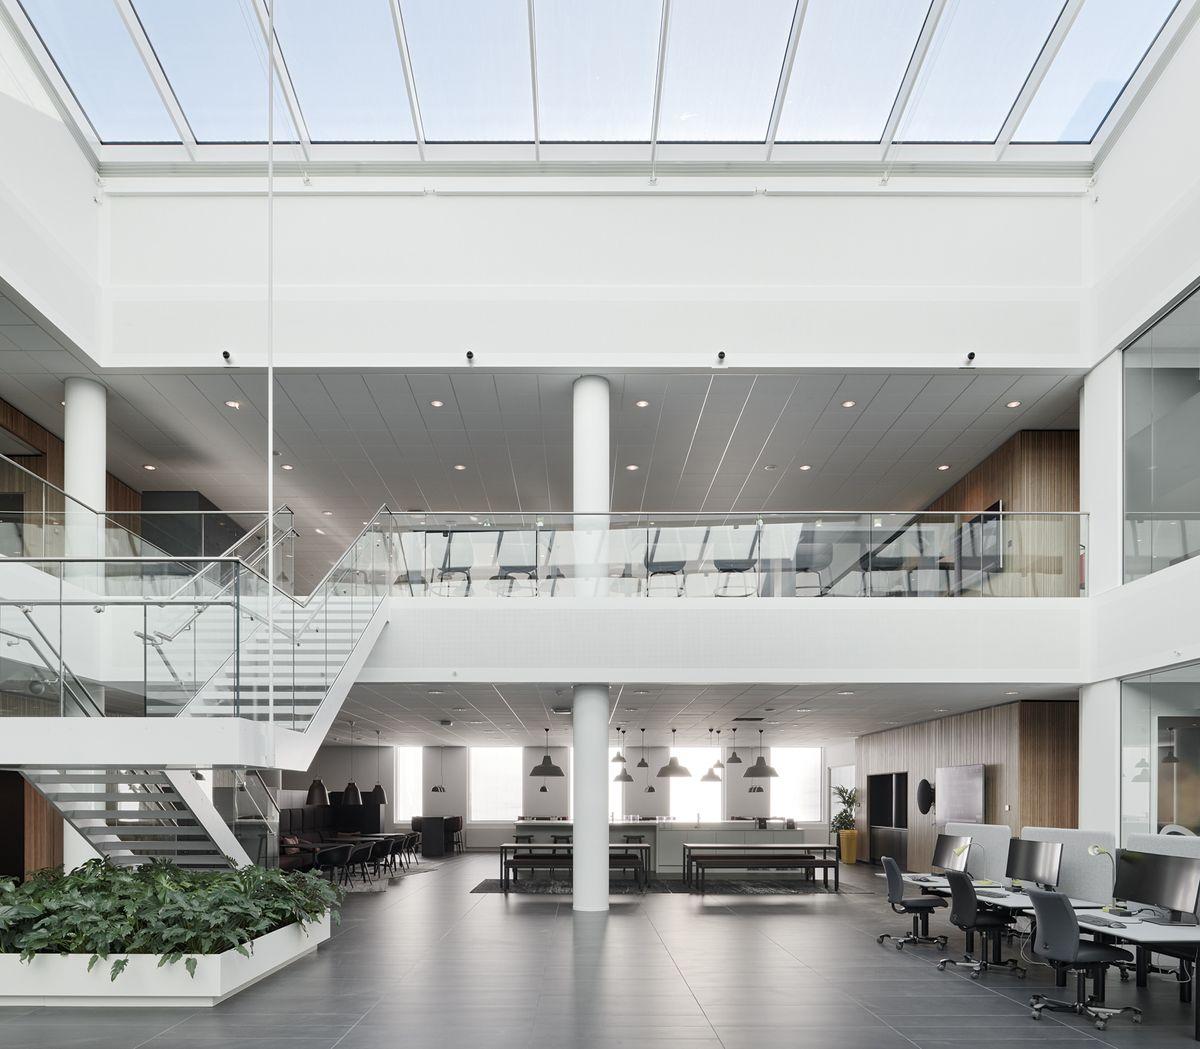 Innovation Campus af Vilhelm Lauritzen: Globalt videnscenter i naturpark